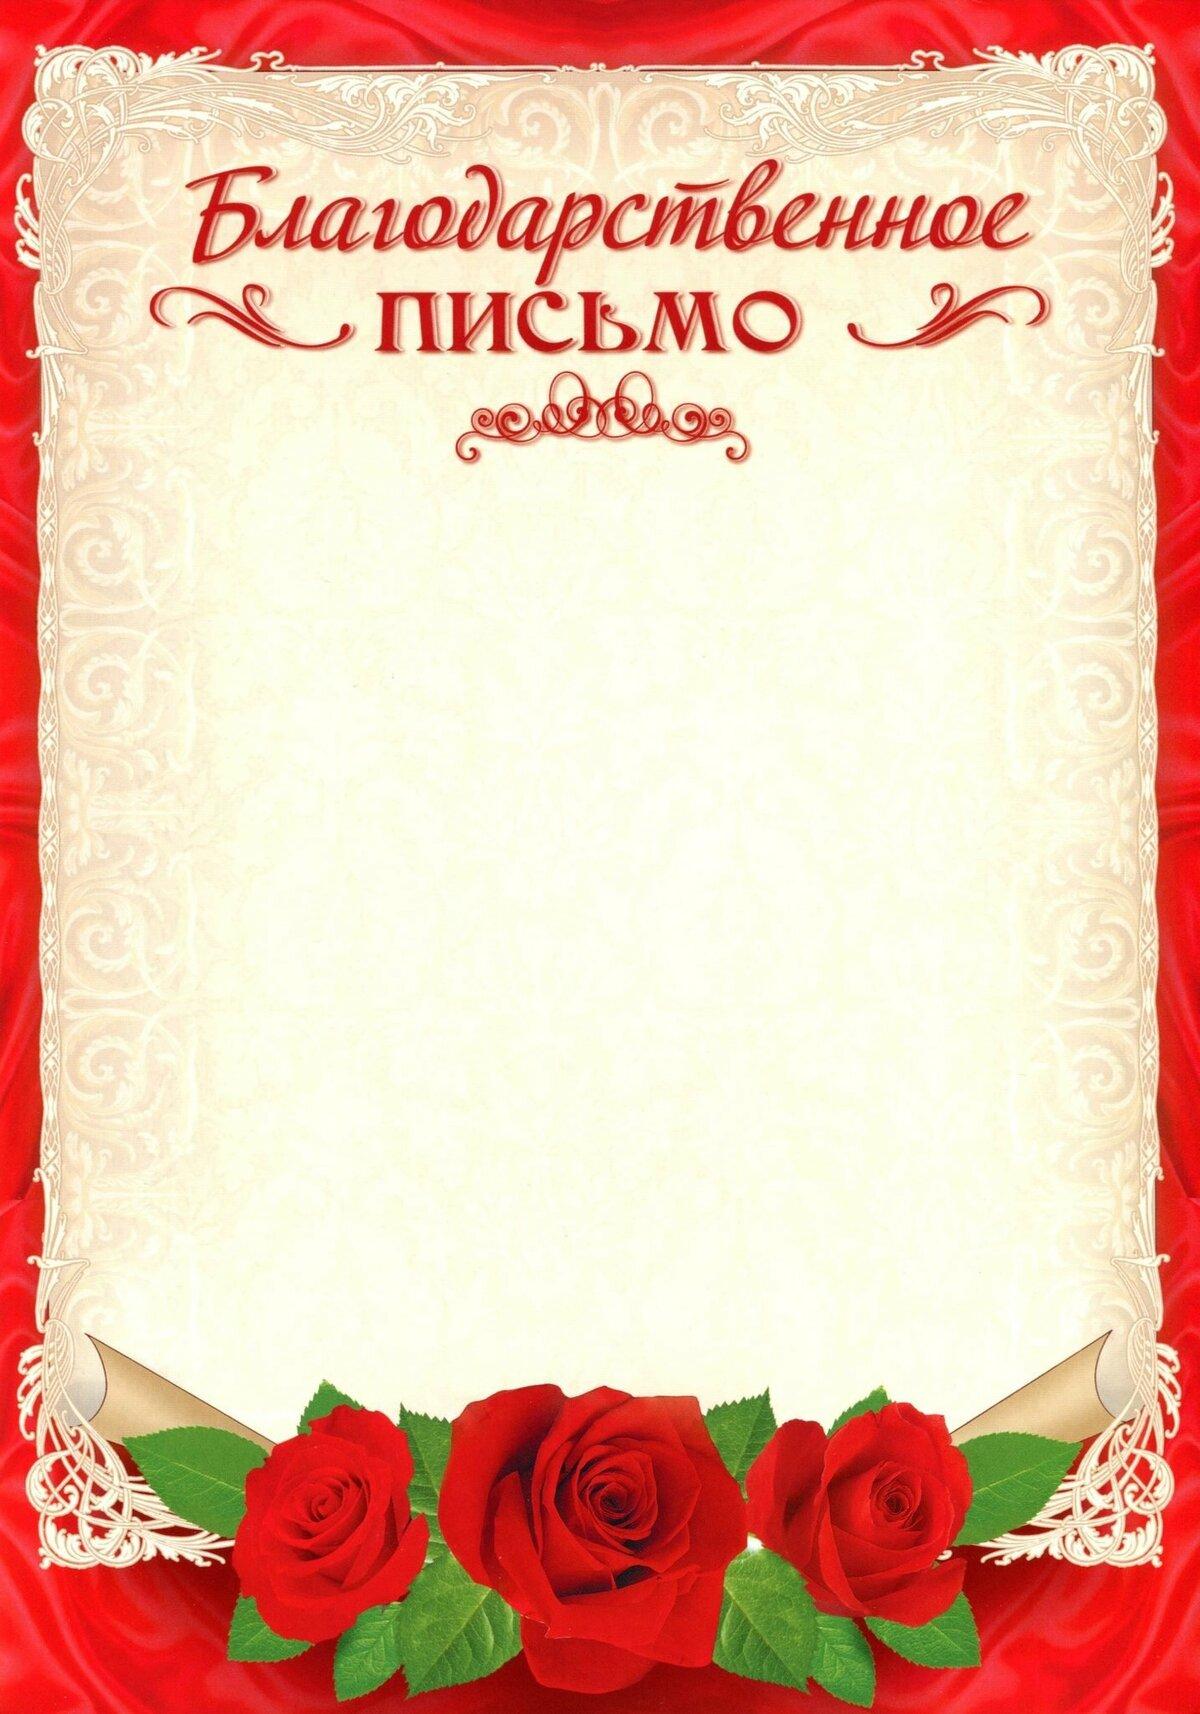 Благодарственные письма открытки